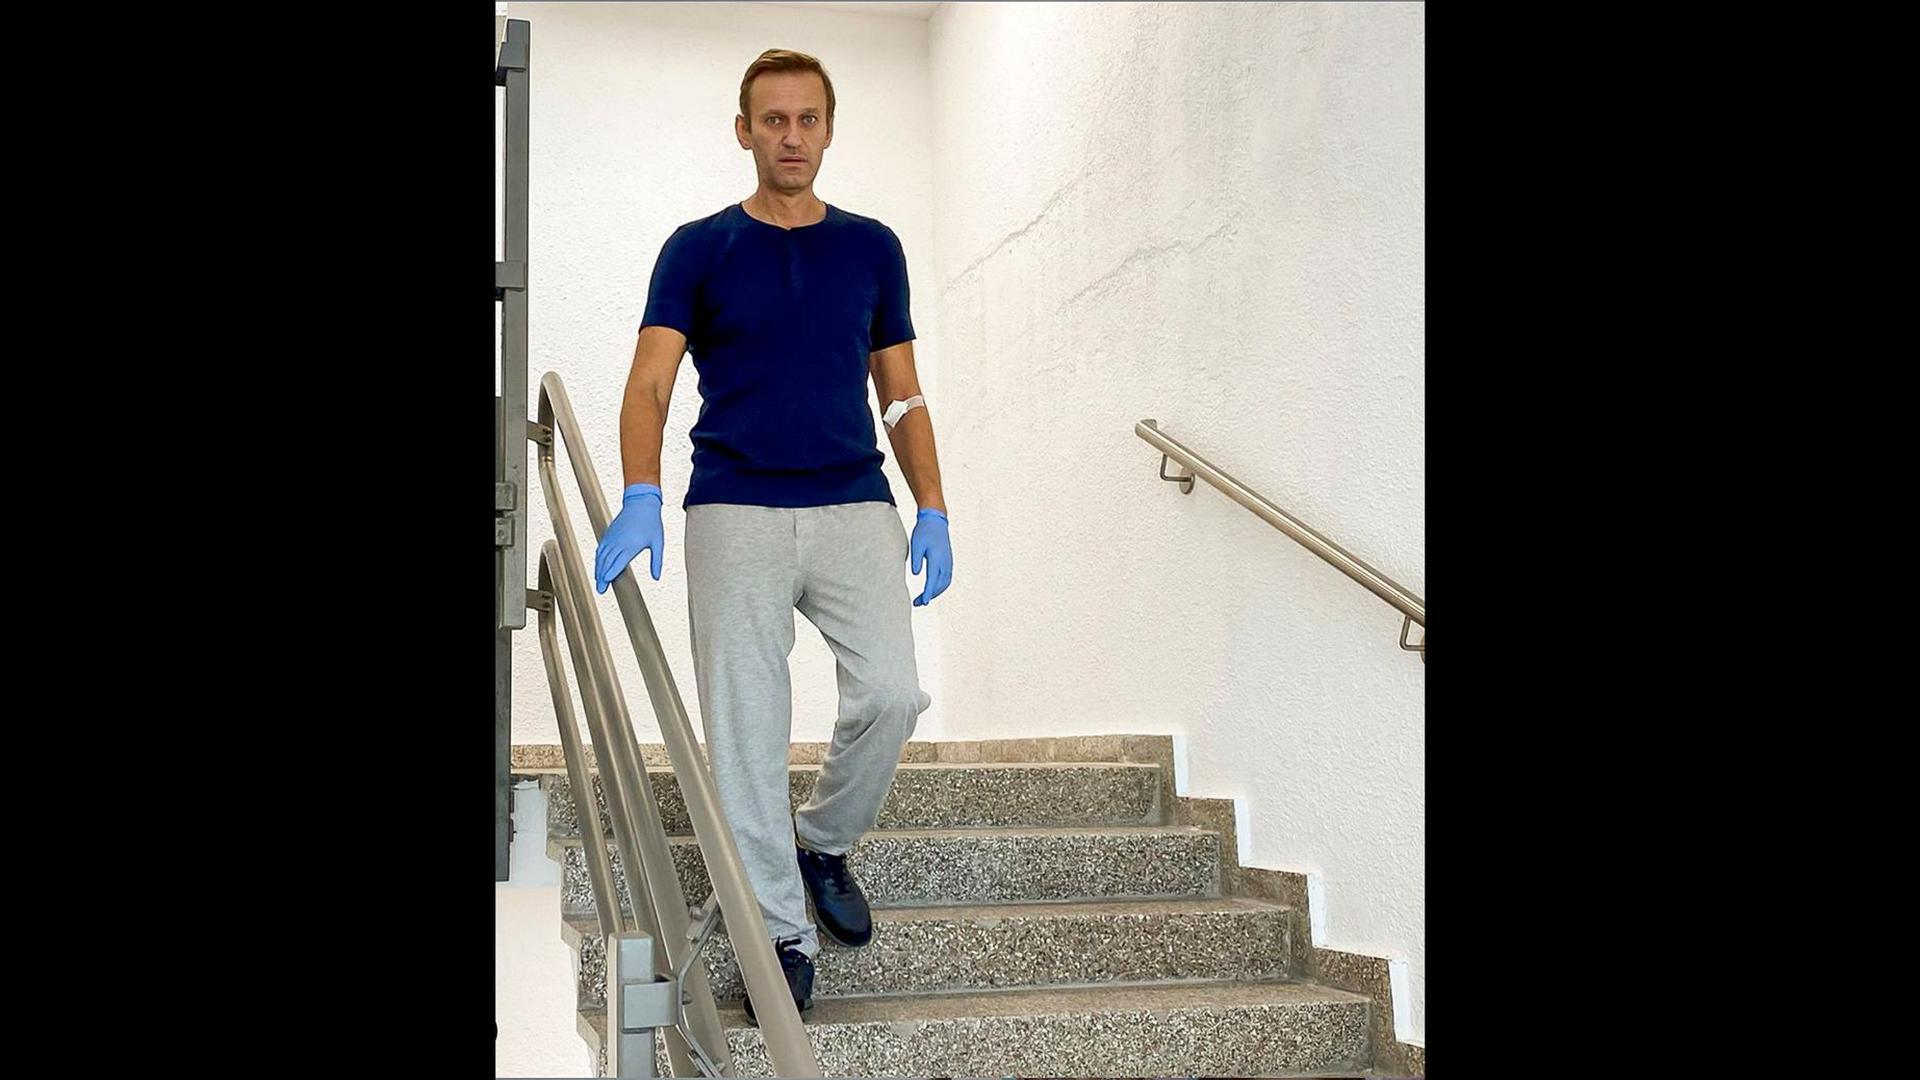 Der russische Oppositionsführer Alexej Nawalny ist aus der stationären Behandlung entlassen worden.